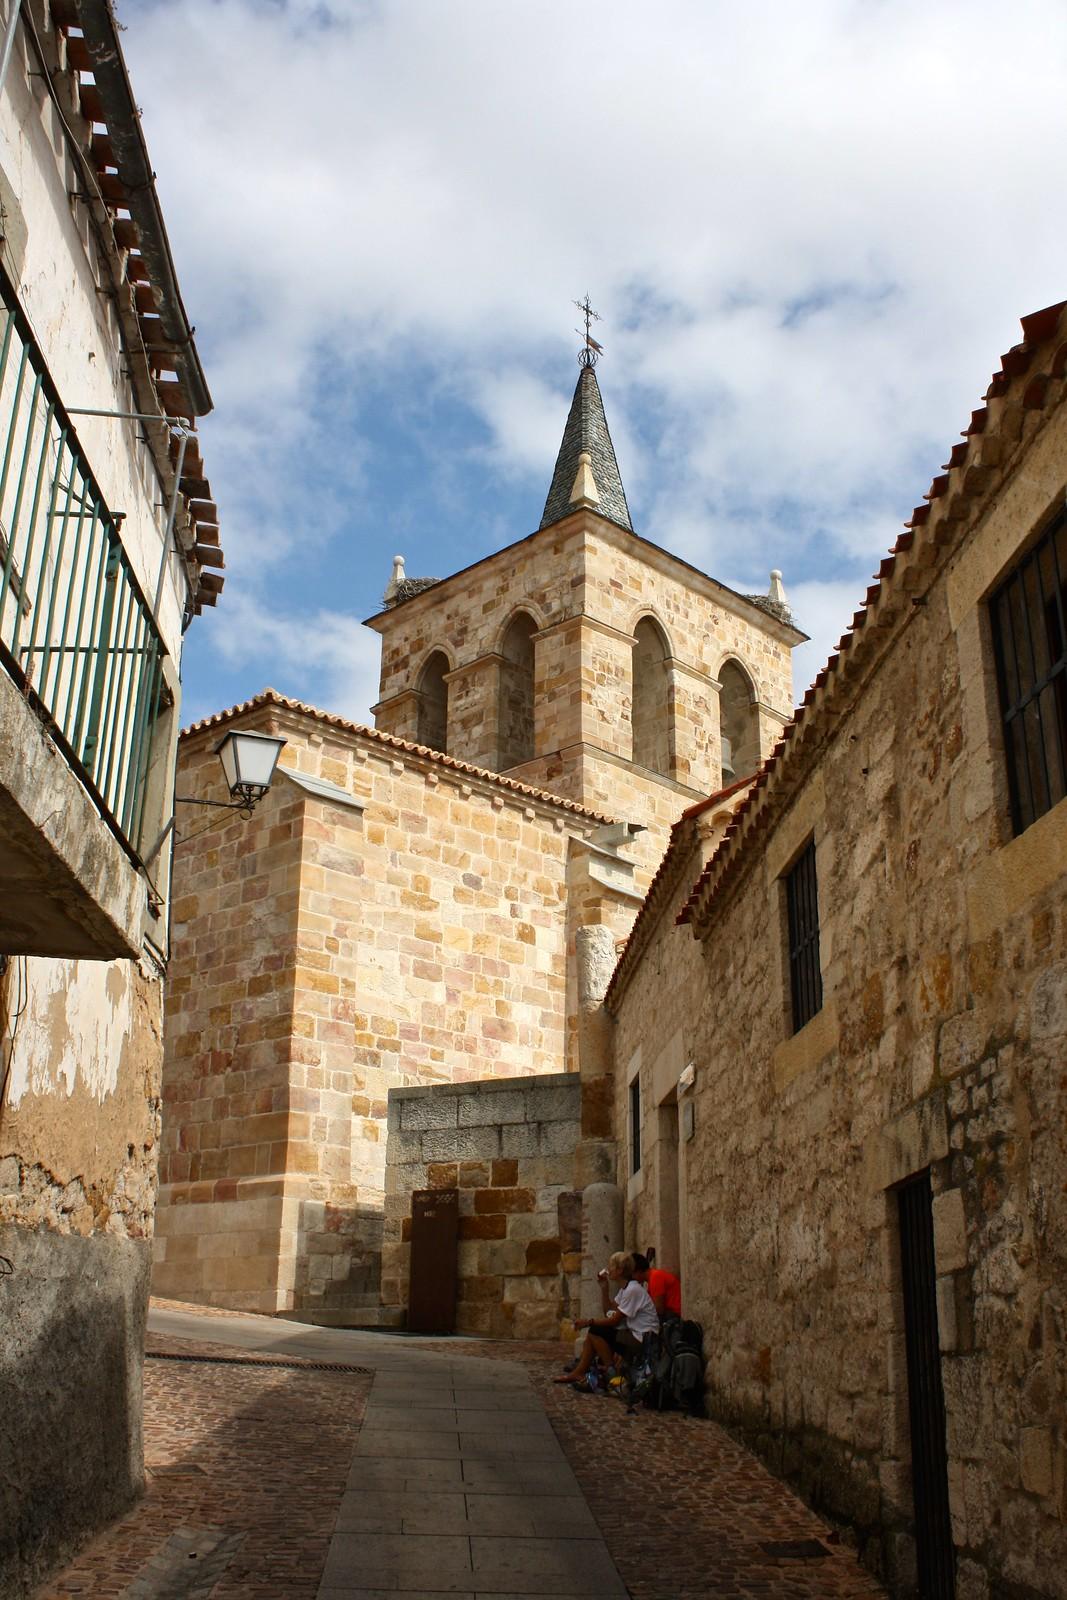 Zamora, Spain